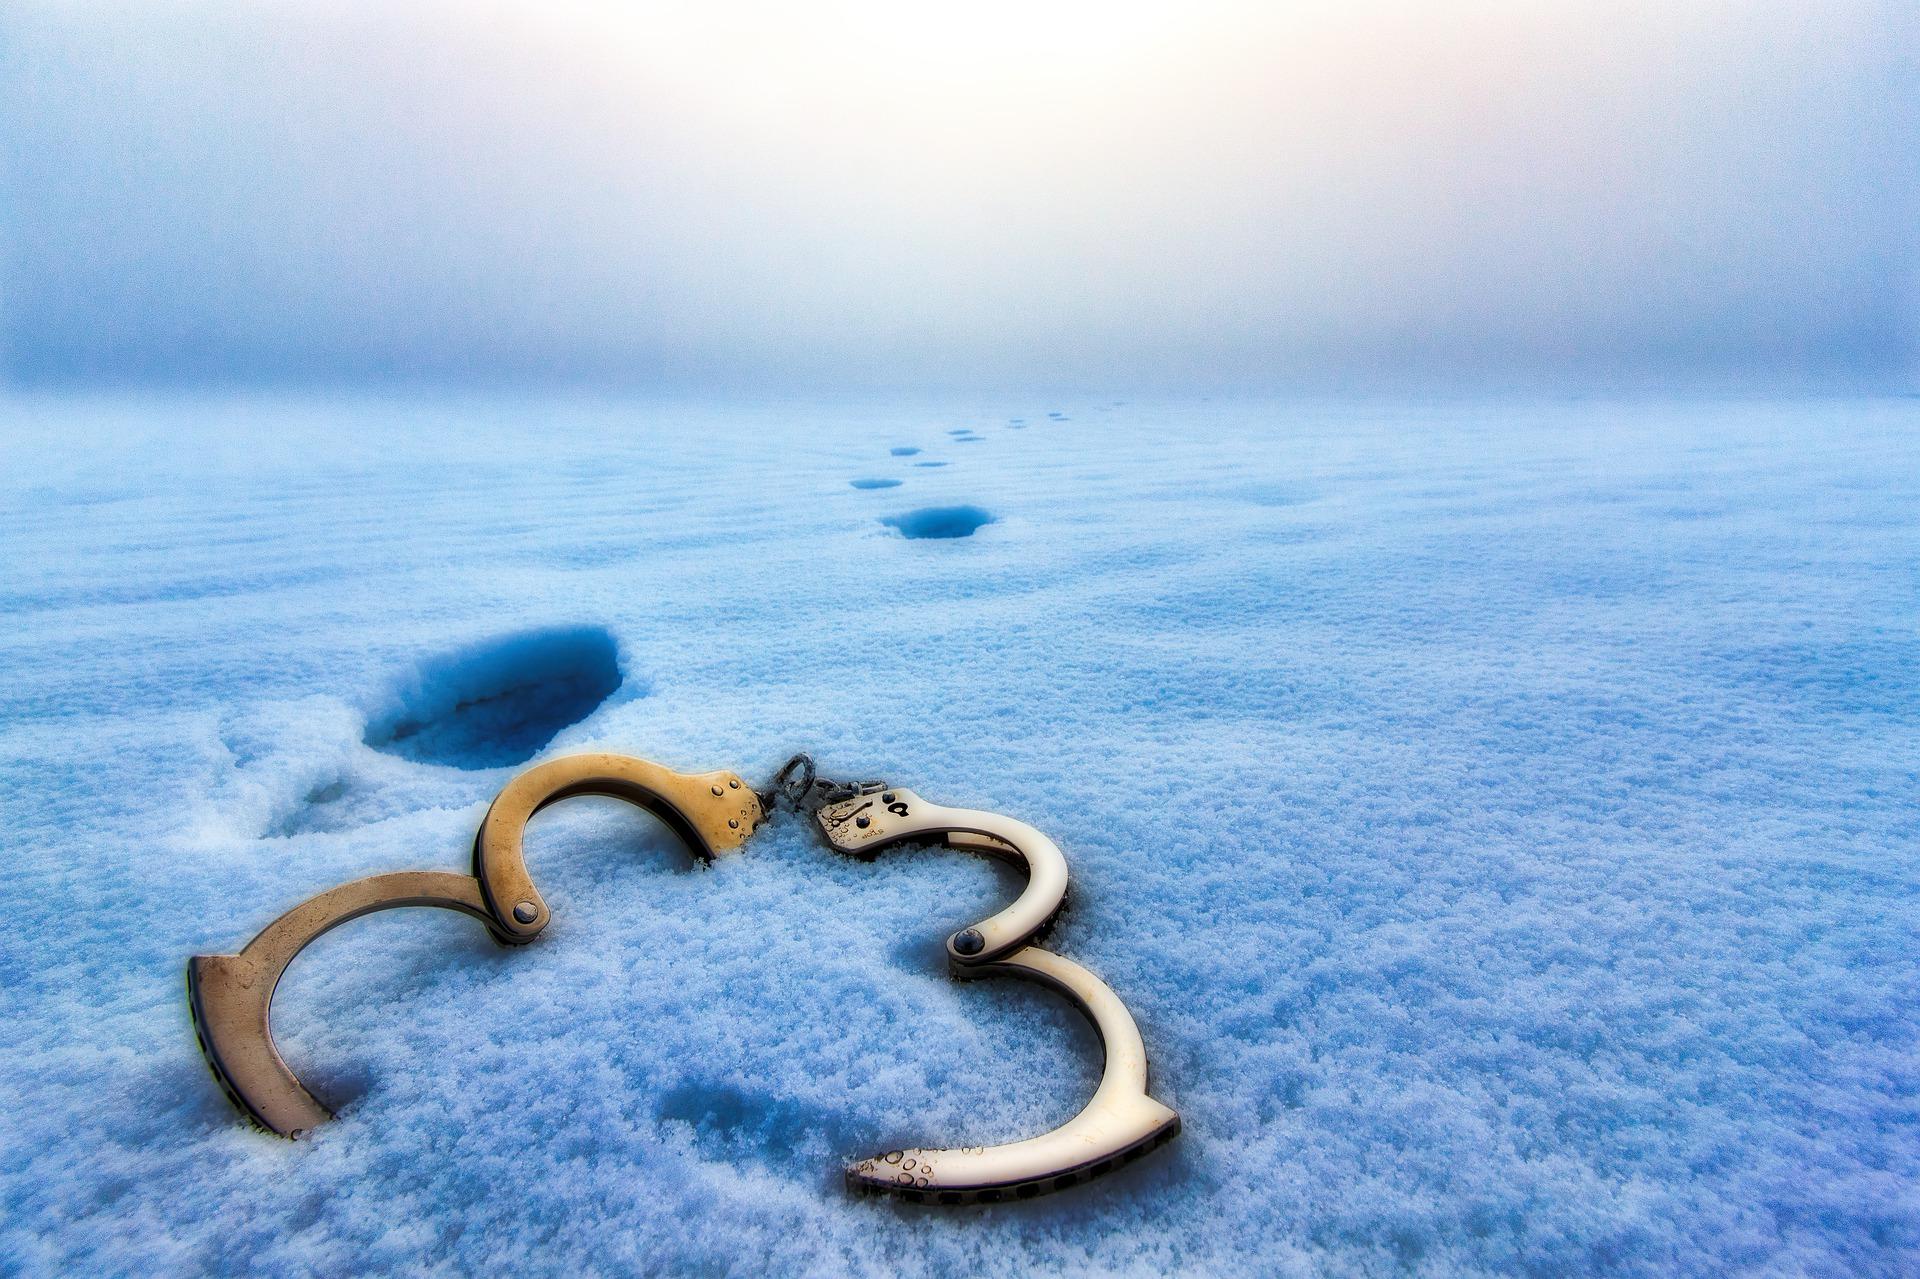 Cauzele care înlătură sau modifică executarea pedepsei